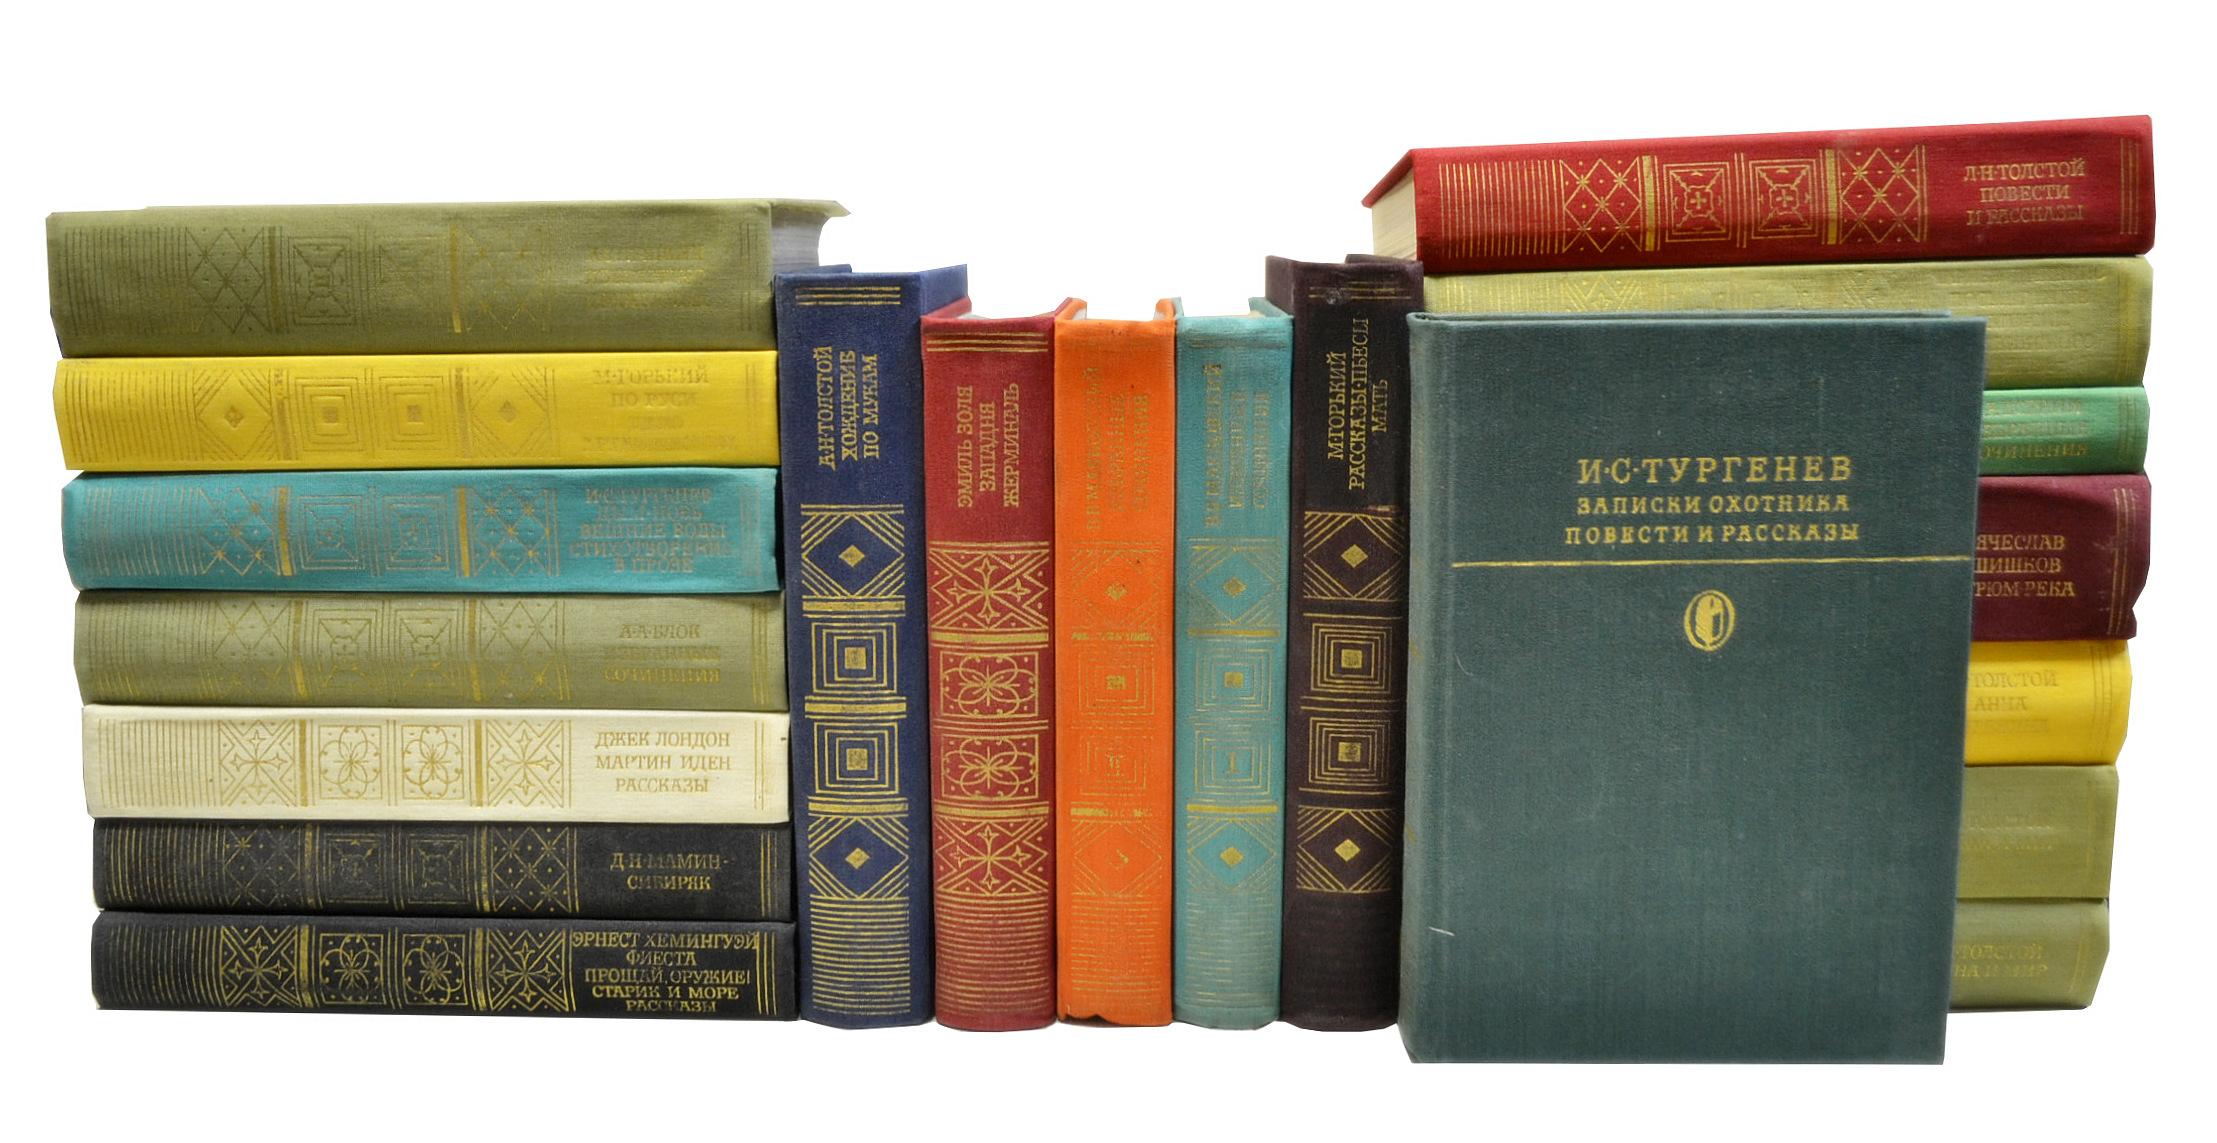 Серия  Библиотека классики (комплект из 23 книг) библиотека русской классики комплект из 300 книг